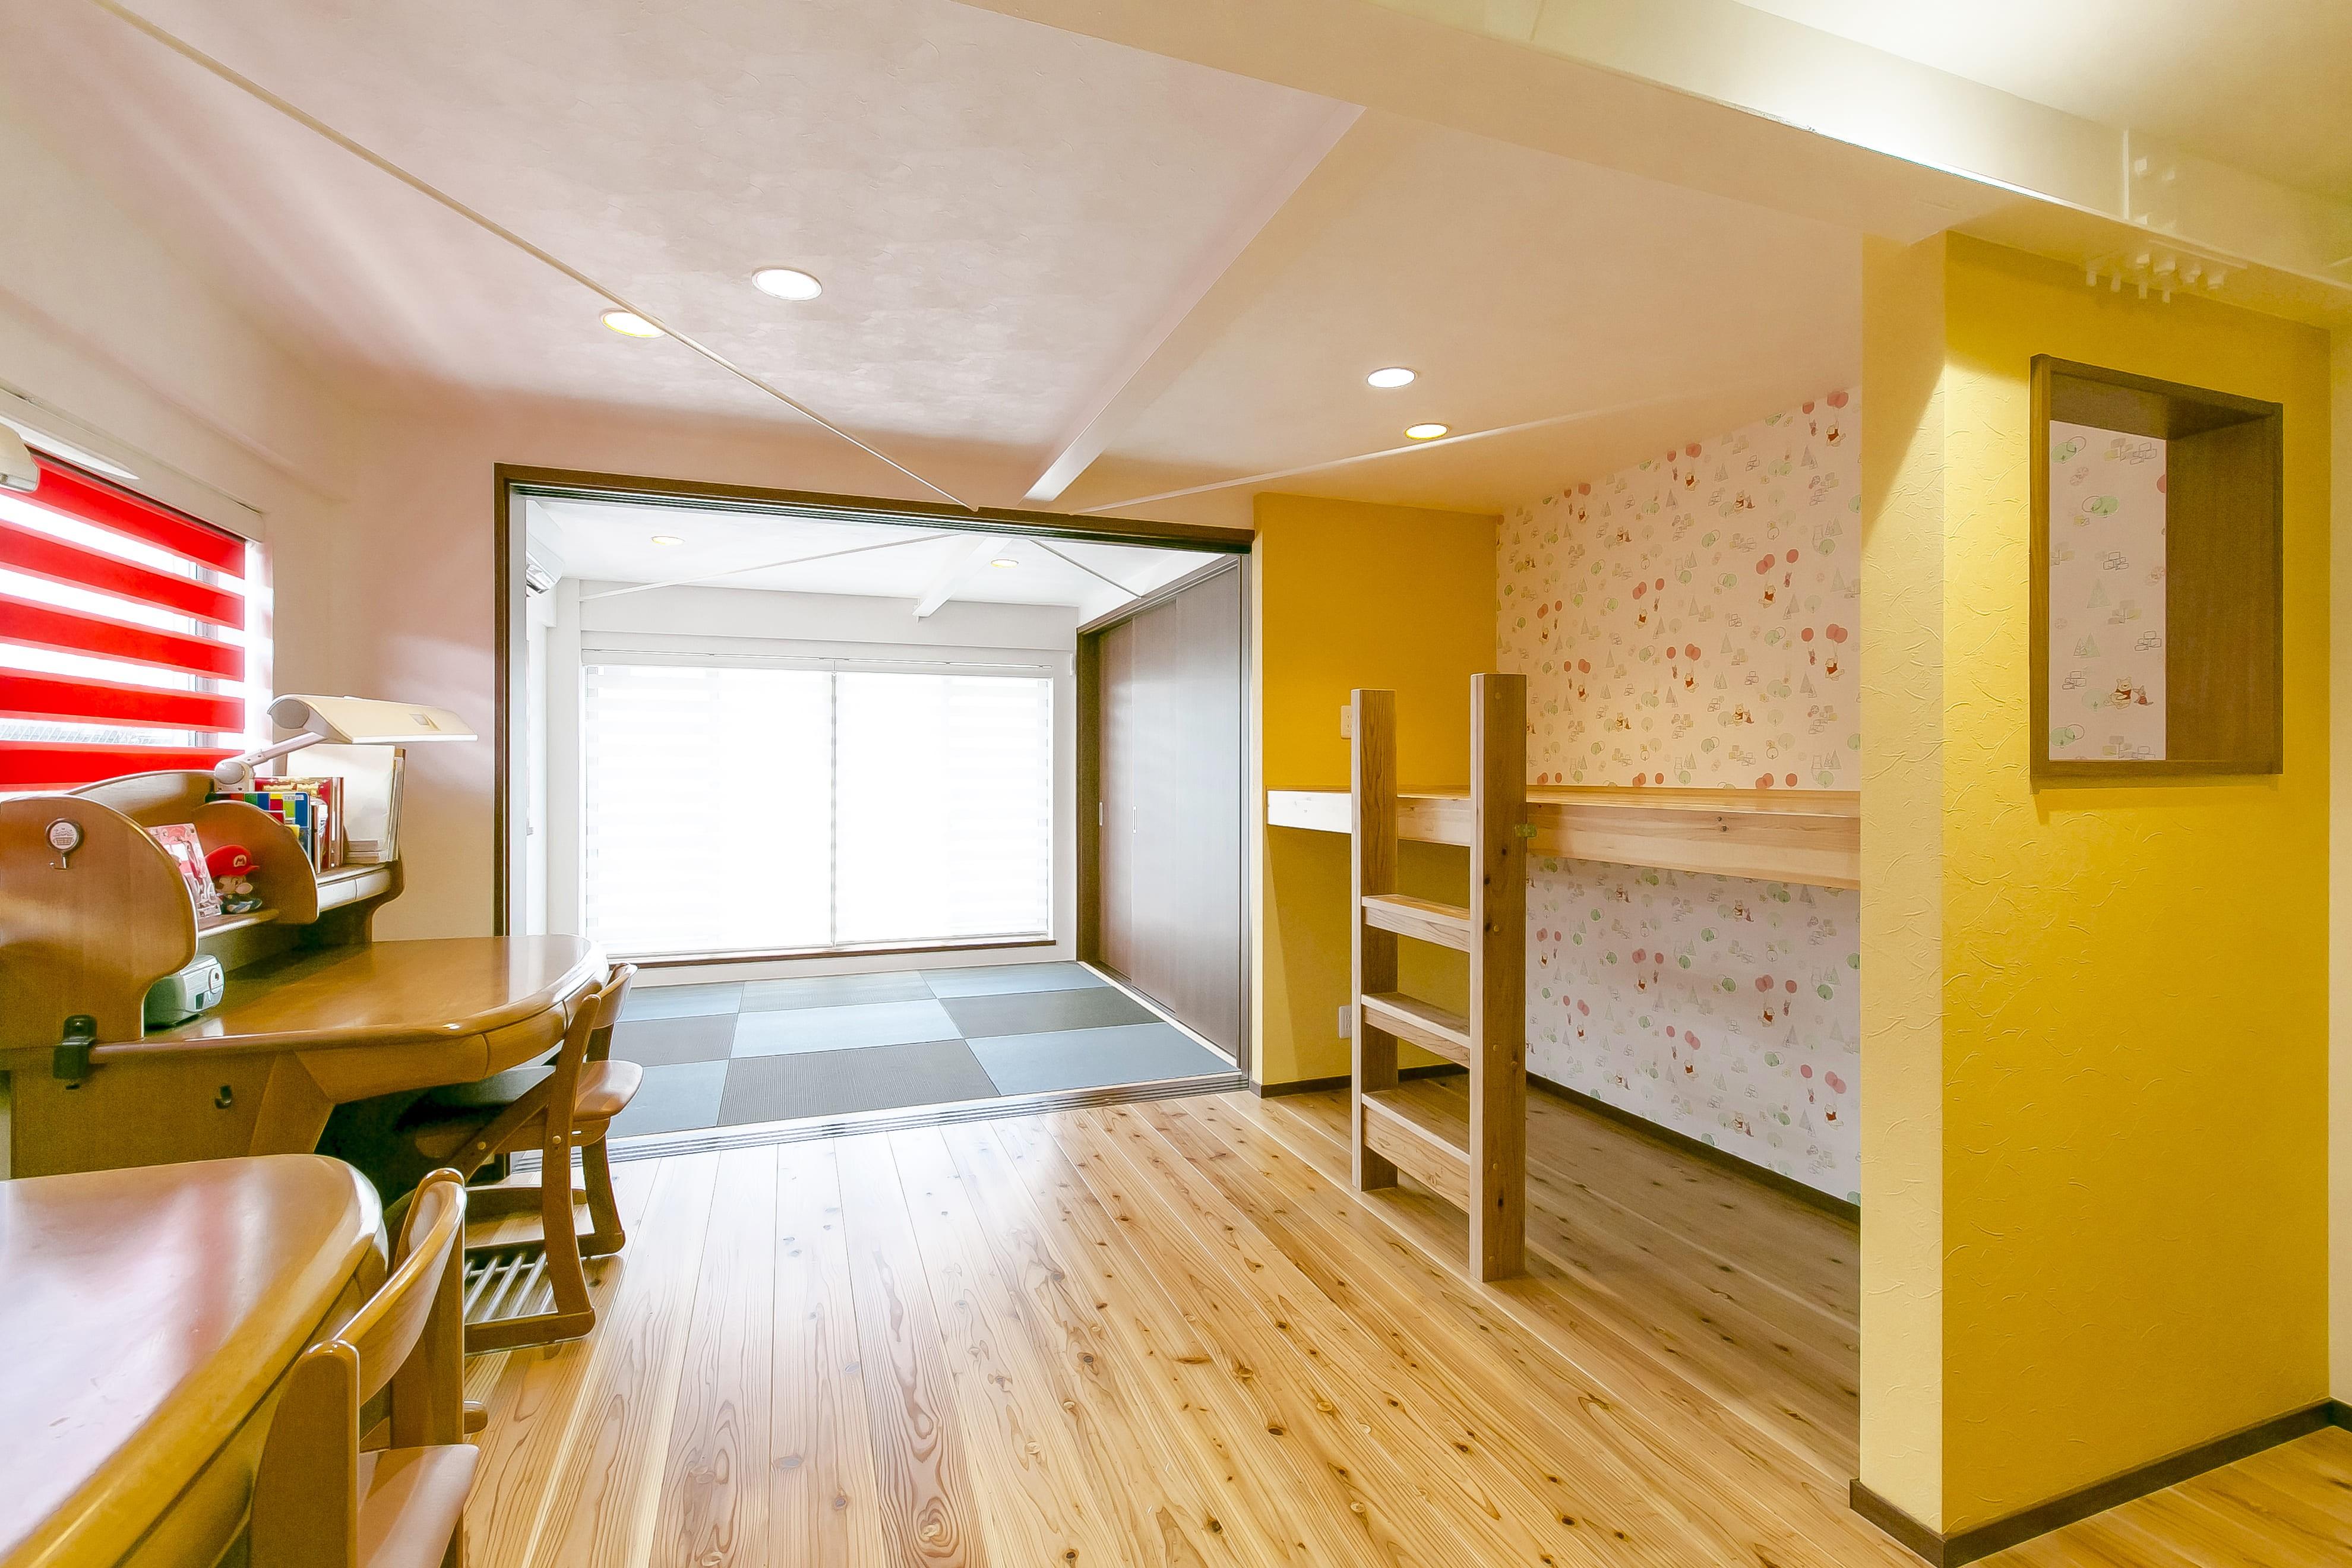 子供部屋事例:お気に入りの窓を設けた二段ベッド(家族が集まる広々としたLDKを中心に、居心地と家事効率を両立させた住まい。)